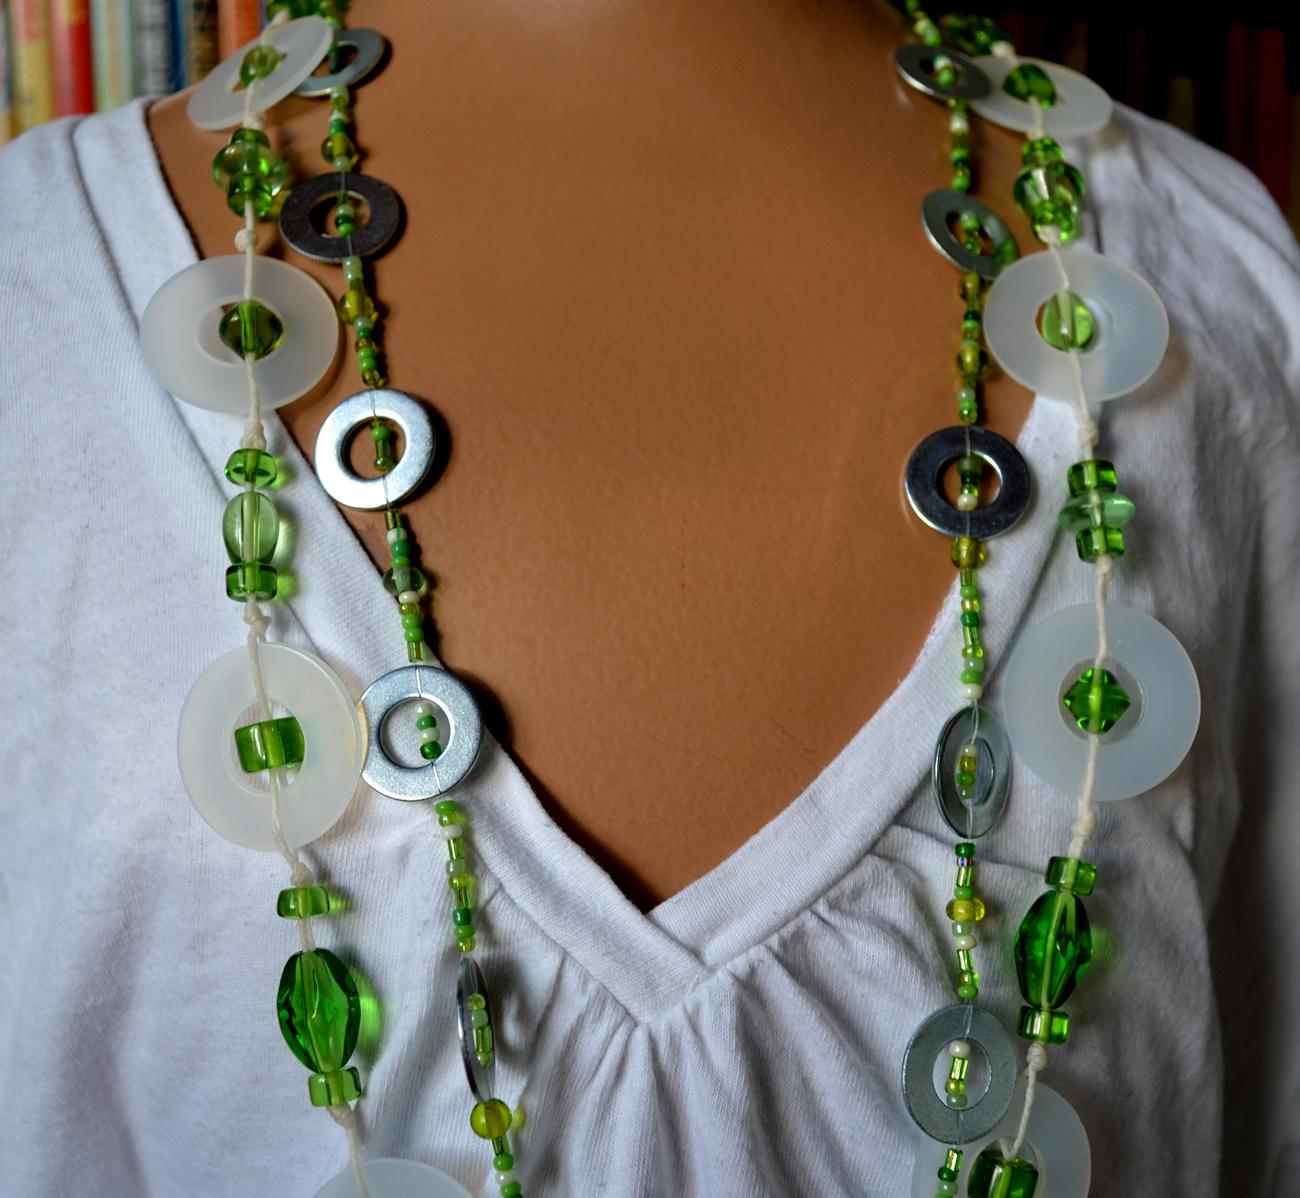 http://1.bp.blogspot.com/-NJC0F_0CQy8/TdIT_8XNesI/AAAAAAAAAq8/PHiUggsPAPE/s1600/Necklace+4.jpg